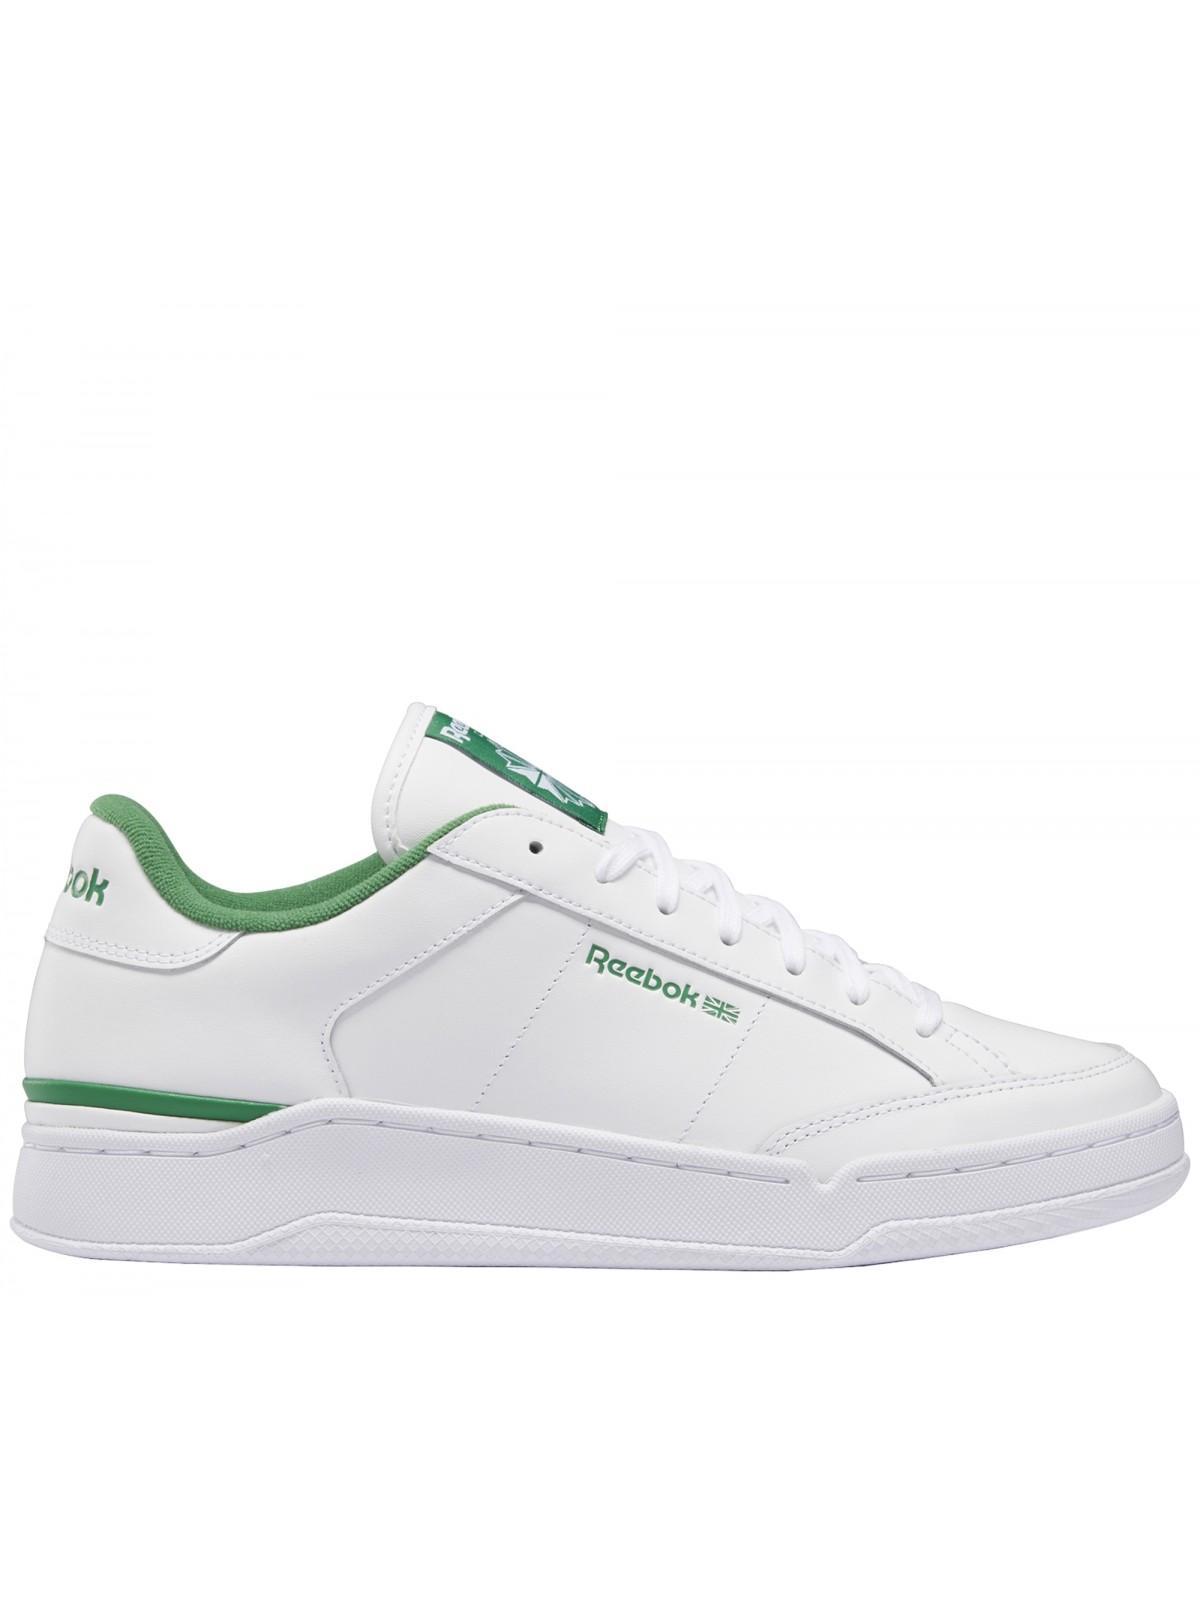 Puma Calisport cuir blanc